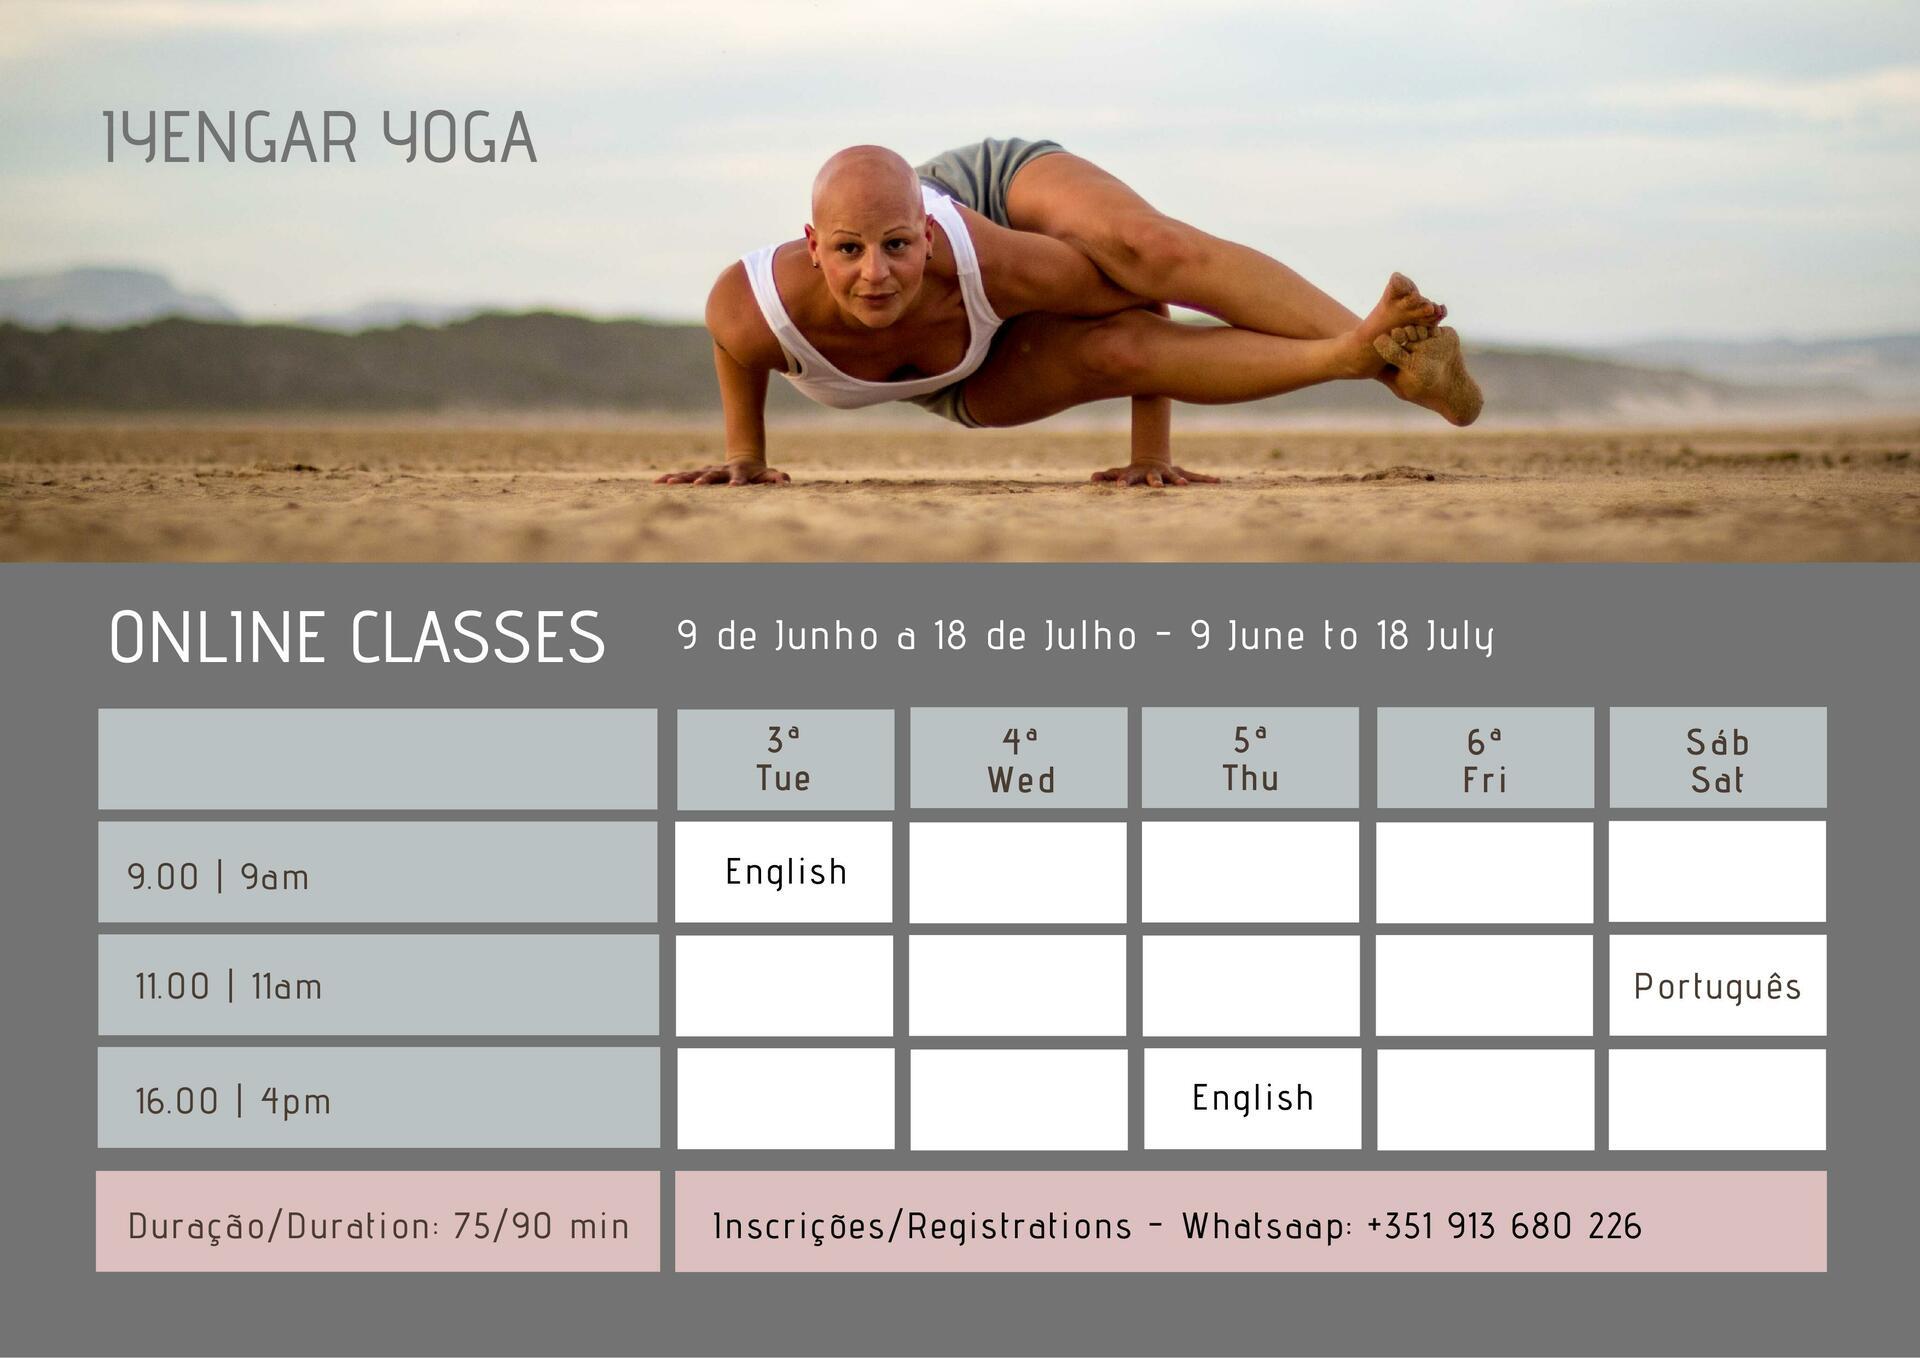 Schedule of online classes via Zoom